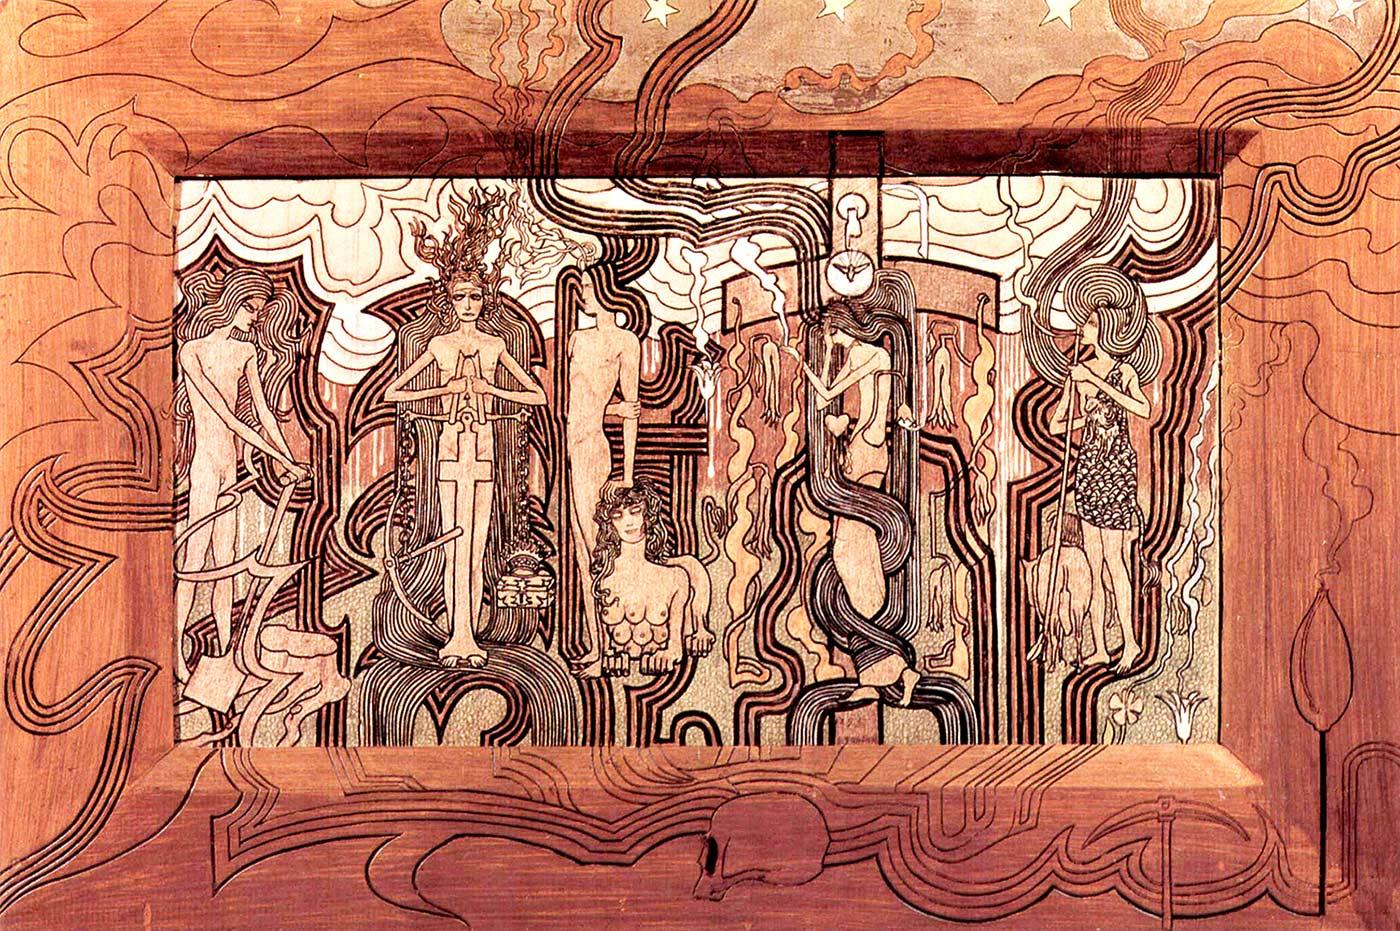 Jan Toorop, Canción de los tiempos